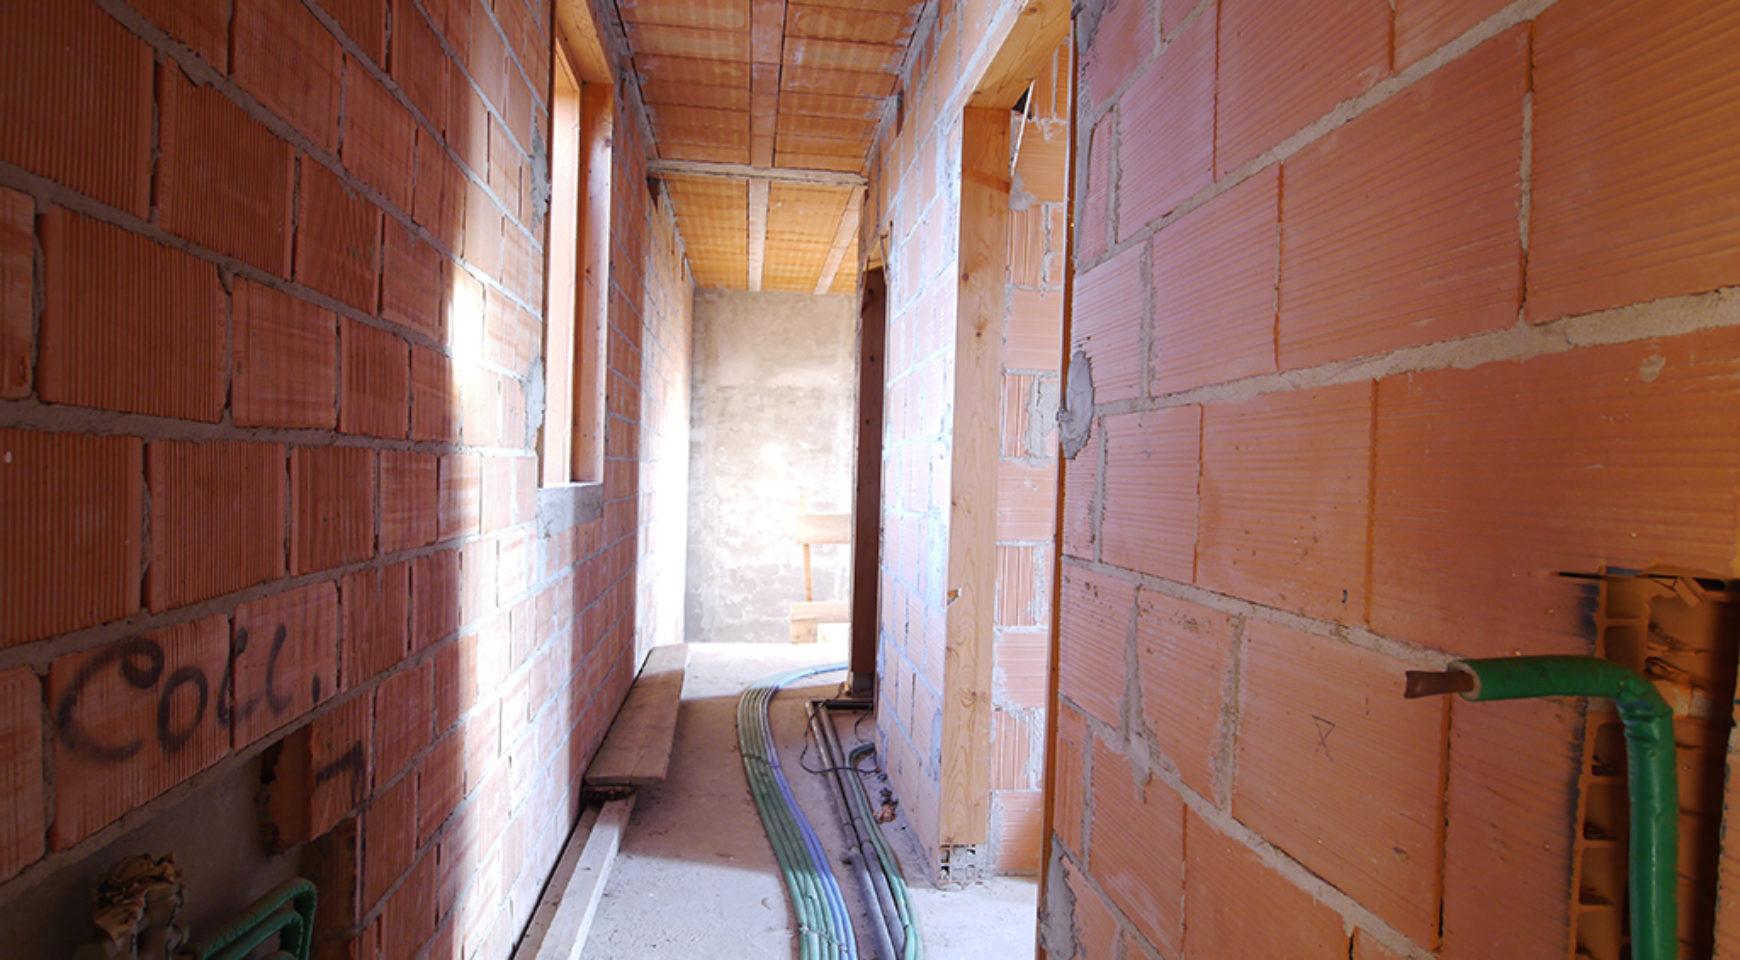 Armadio A Muro Rovigo.Villetta Bifamiliare In Castelmassa Immobiliare Sermide Agenzia